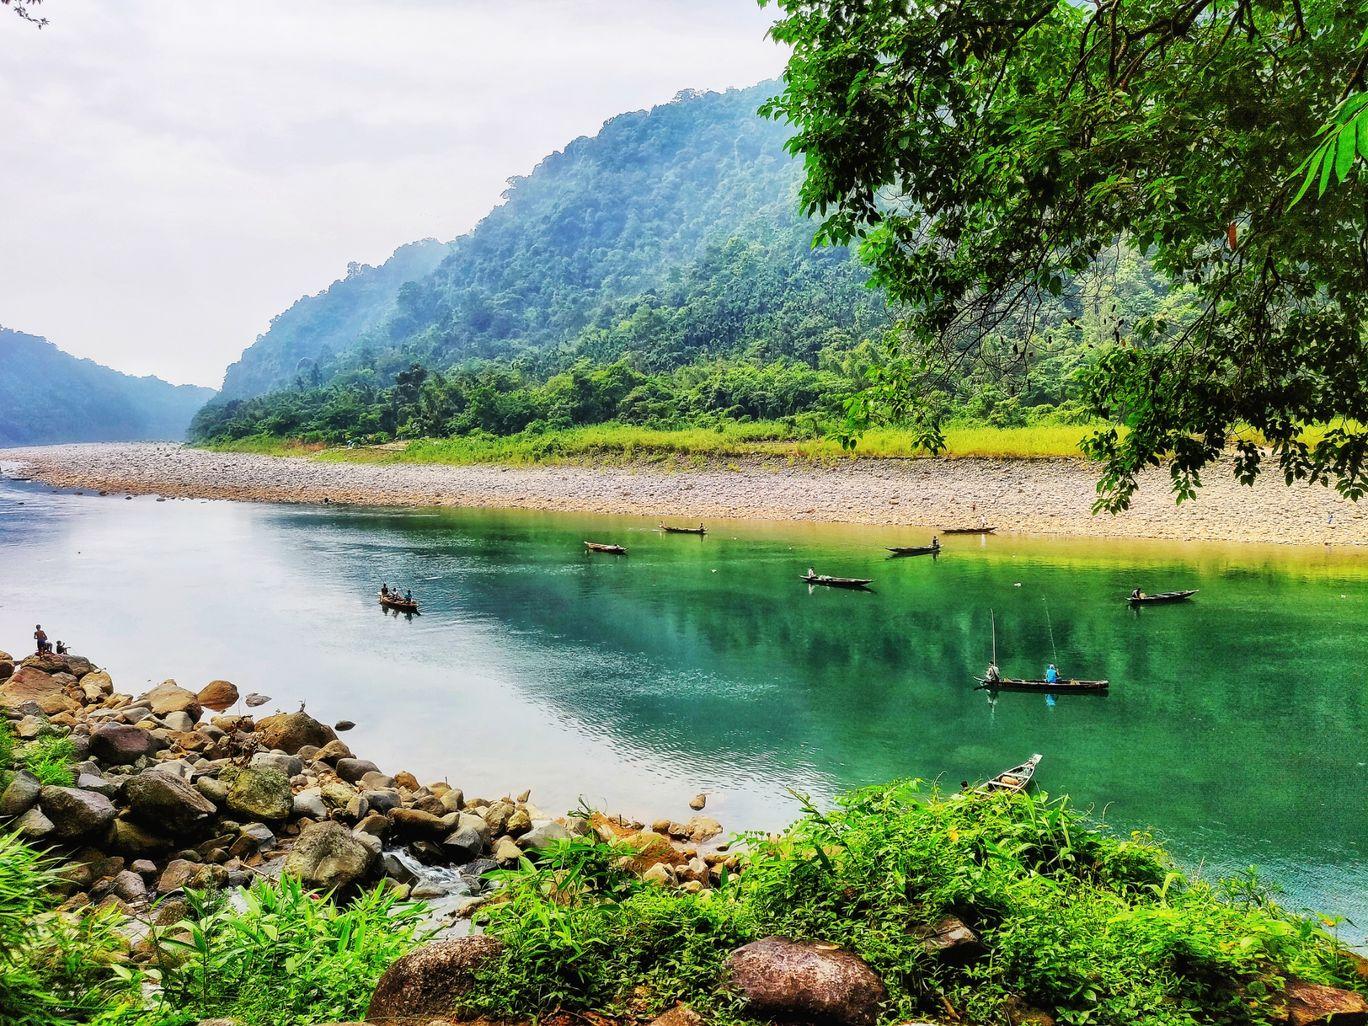 Photo of Shnongpdeng By Vaibhav Jagtap